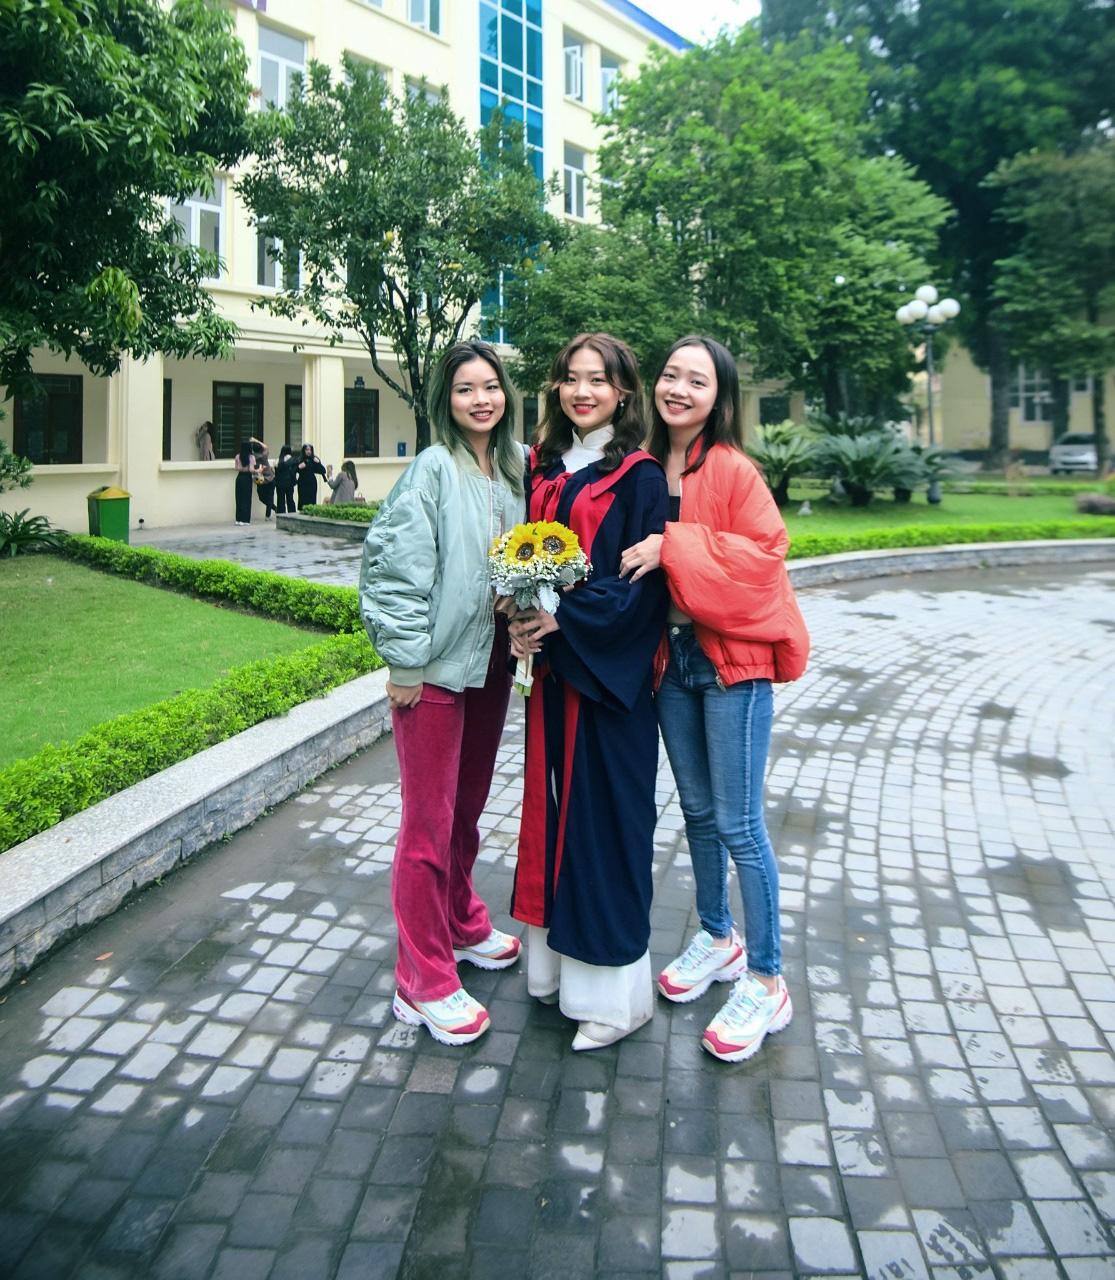 Lan Anh Hà - Cô sinh viên trường Báo chuẩn con nhà người ta, vừa là diễn viên có tiếng, vừa tốt nghiệp cử nhân loại giỏi - Ảnh 5.